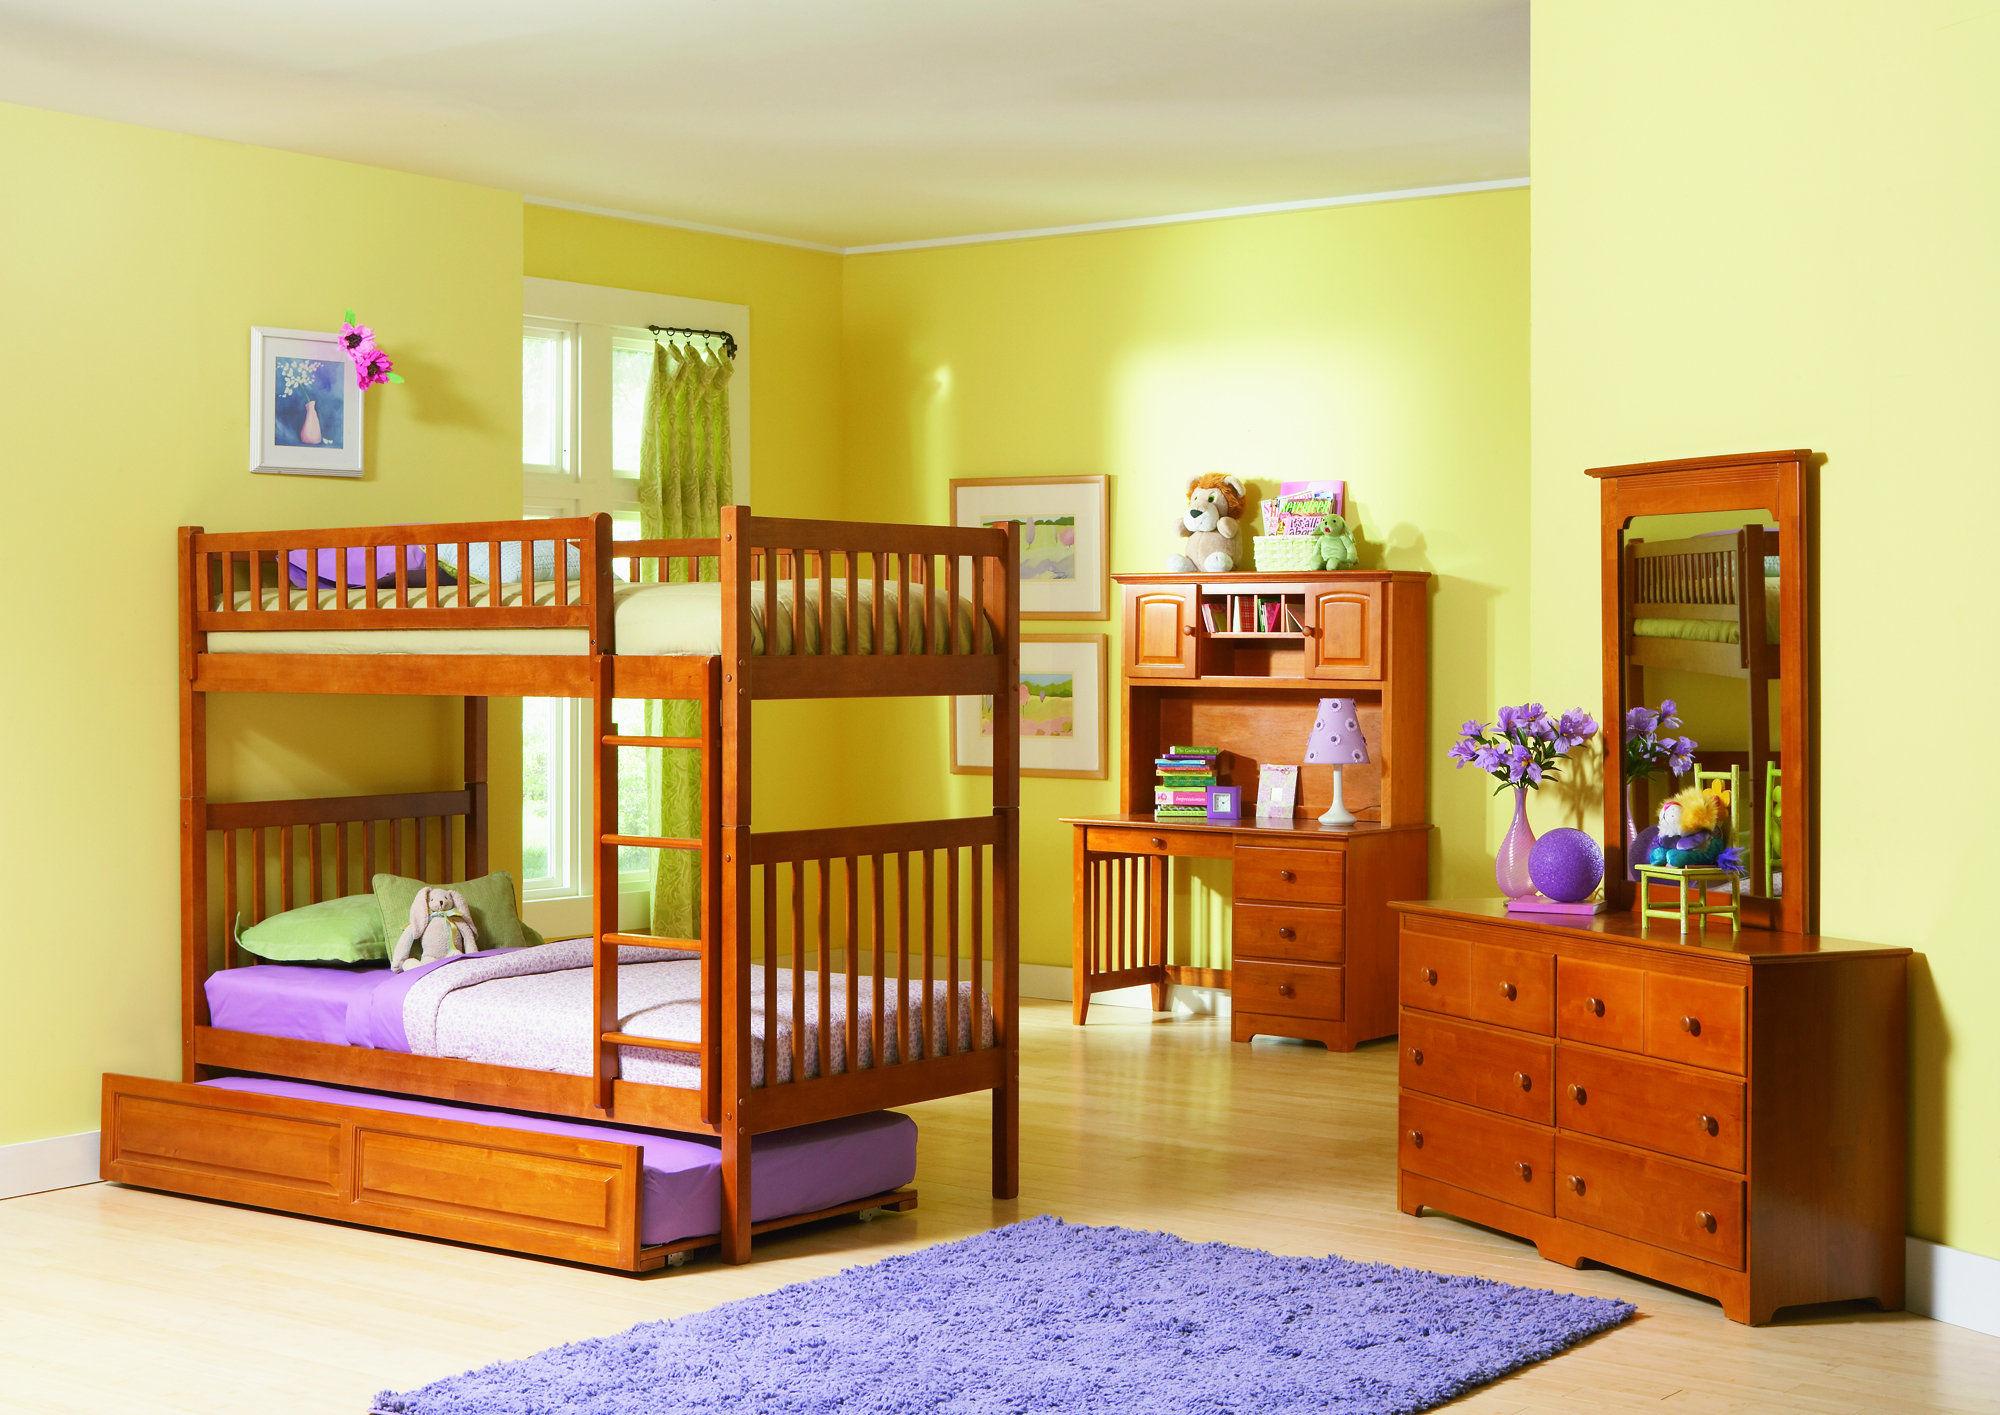 children bedroom furniture kids bedroom furniture to make your home more elegant khabars.net with kids DDBFPHH